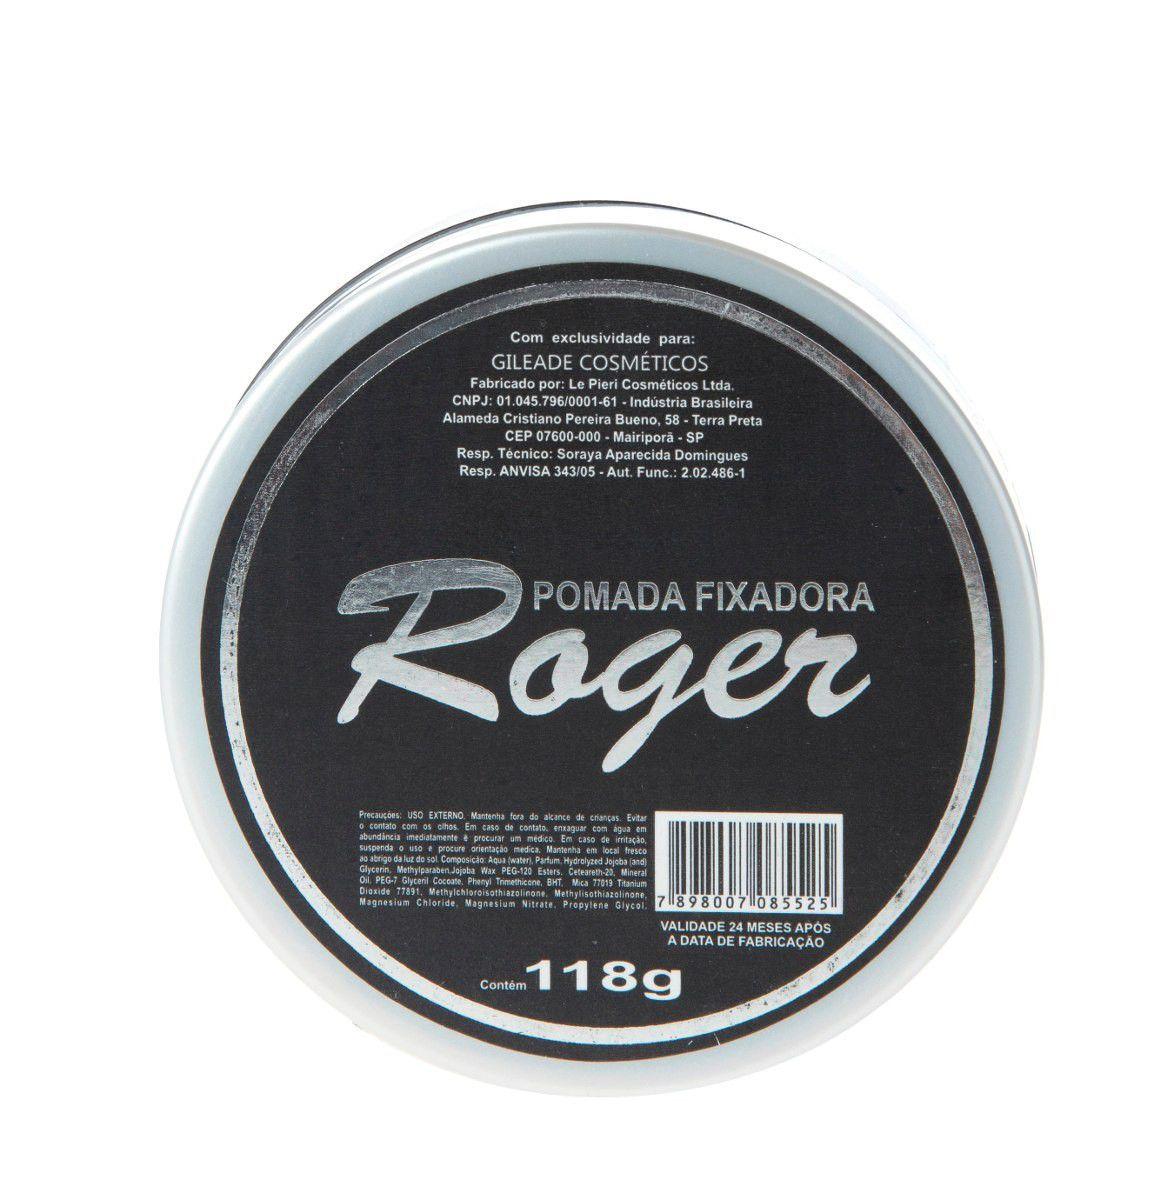 Pomada Fixadora Roger 118gr  (12 unidades)